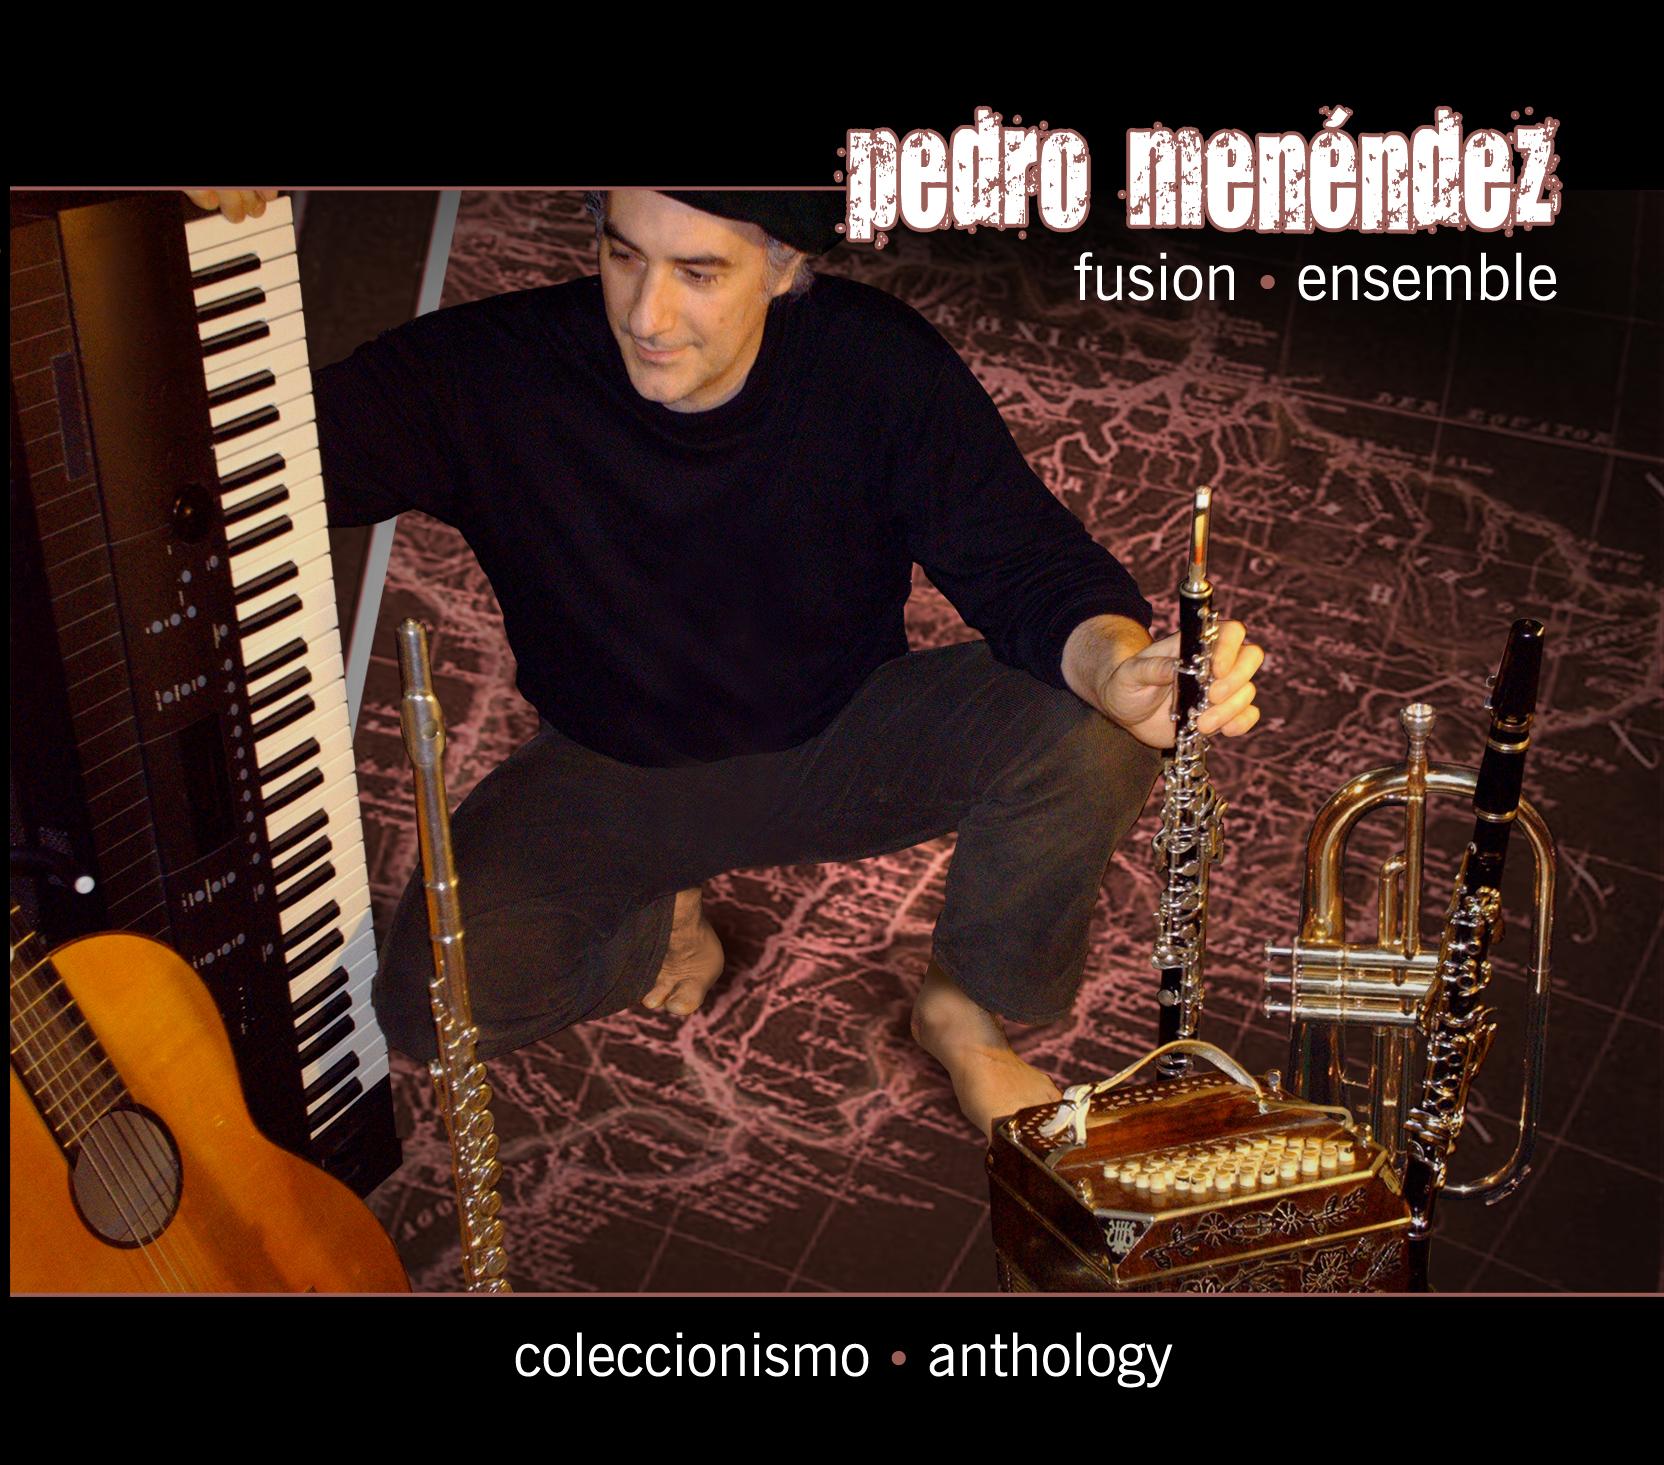 Coleccionismo - Anthology